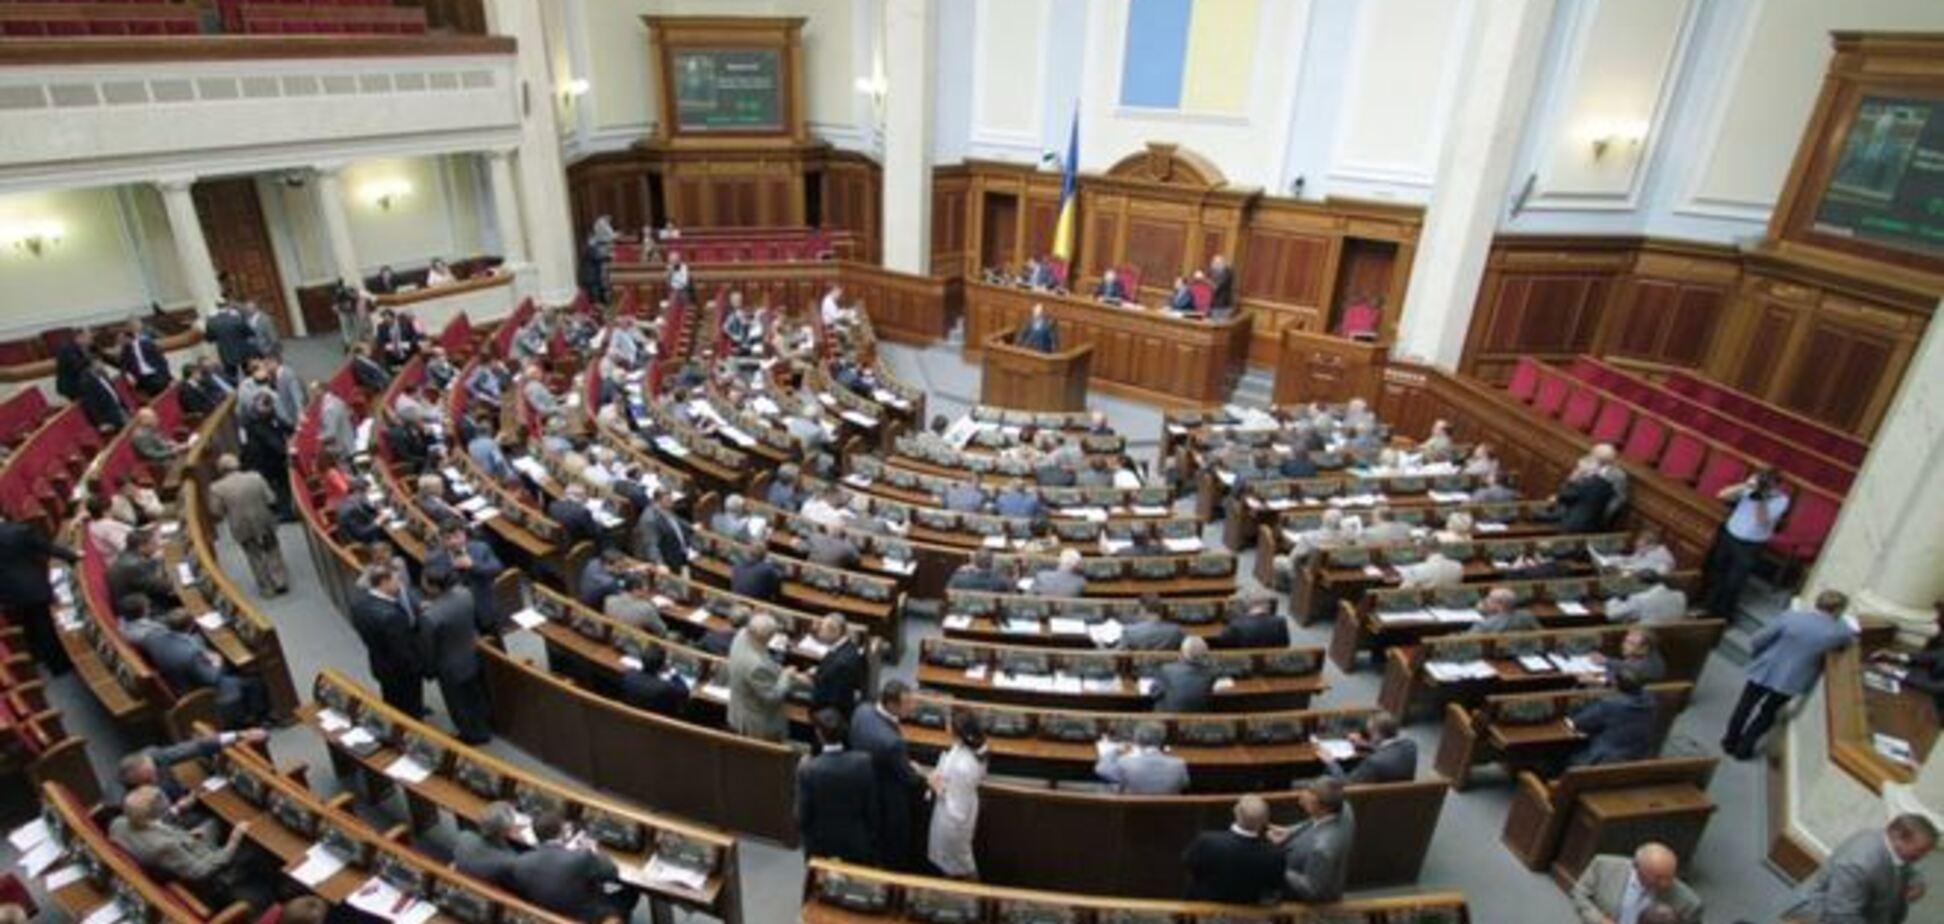 Охороні Верховної Ради видали автомати